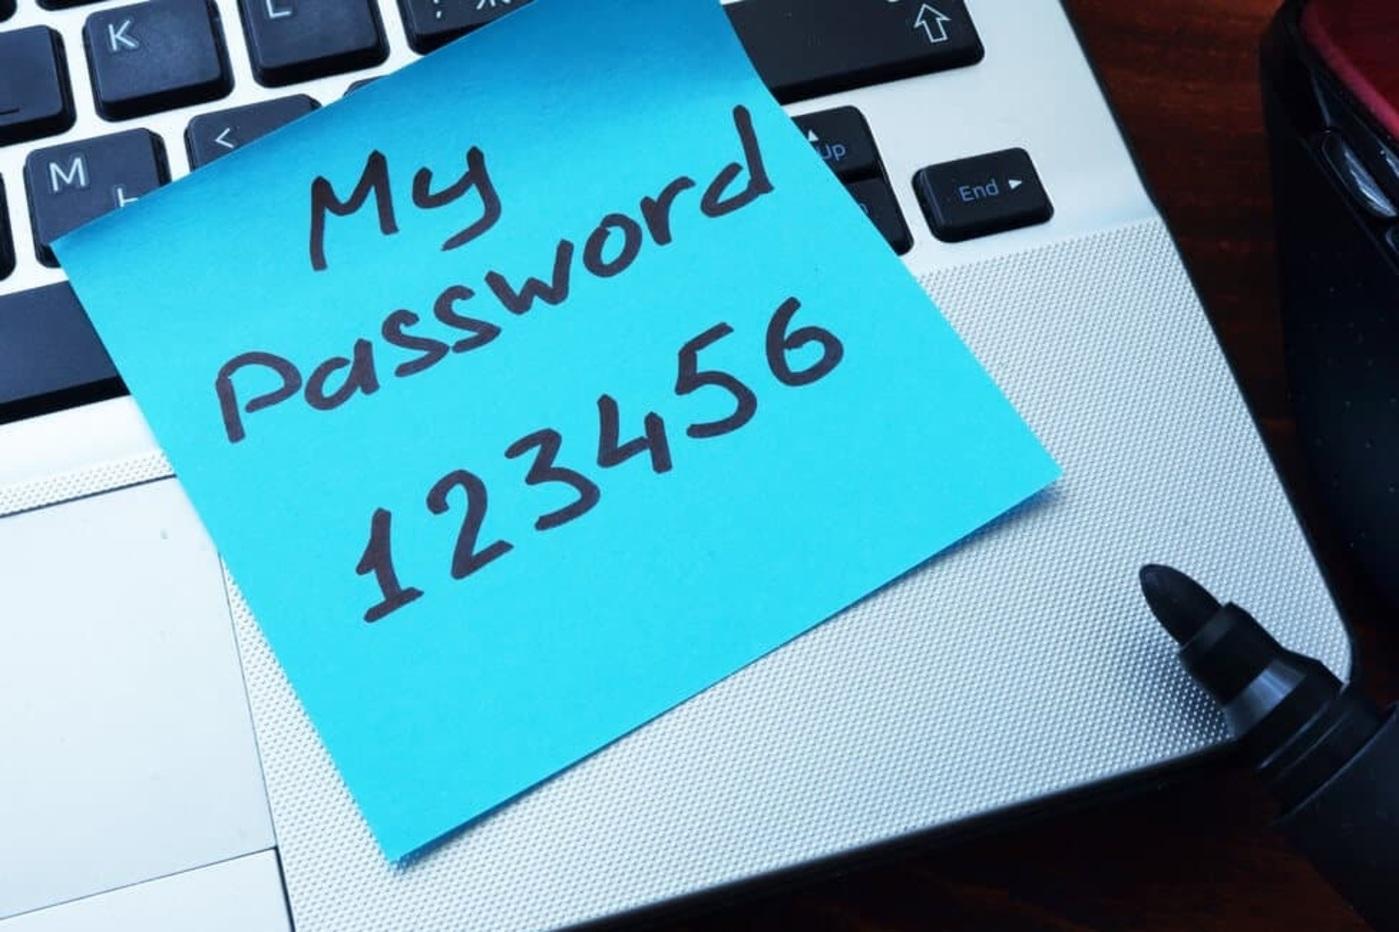 Bien choisir un mot de passe